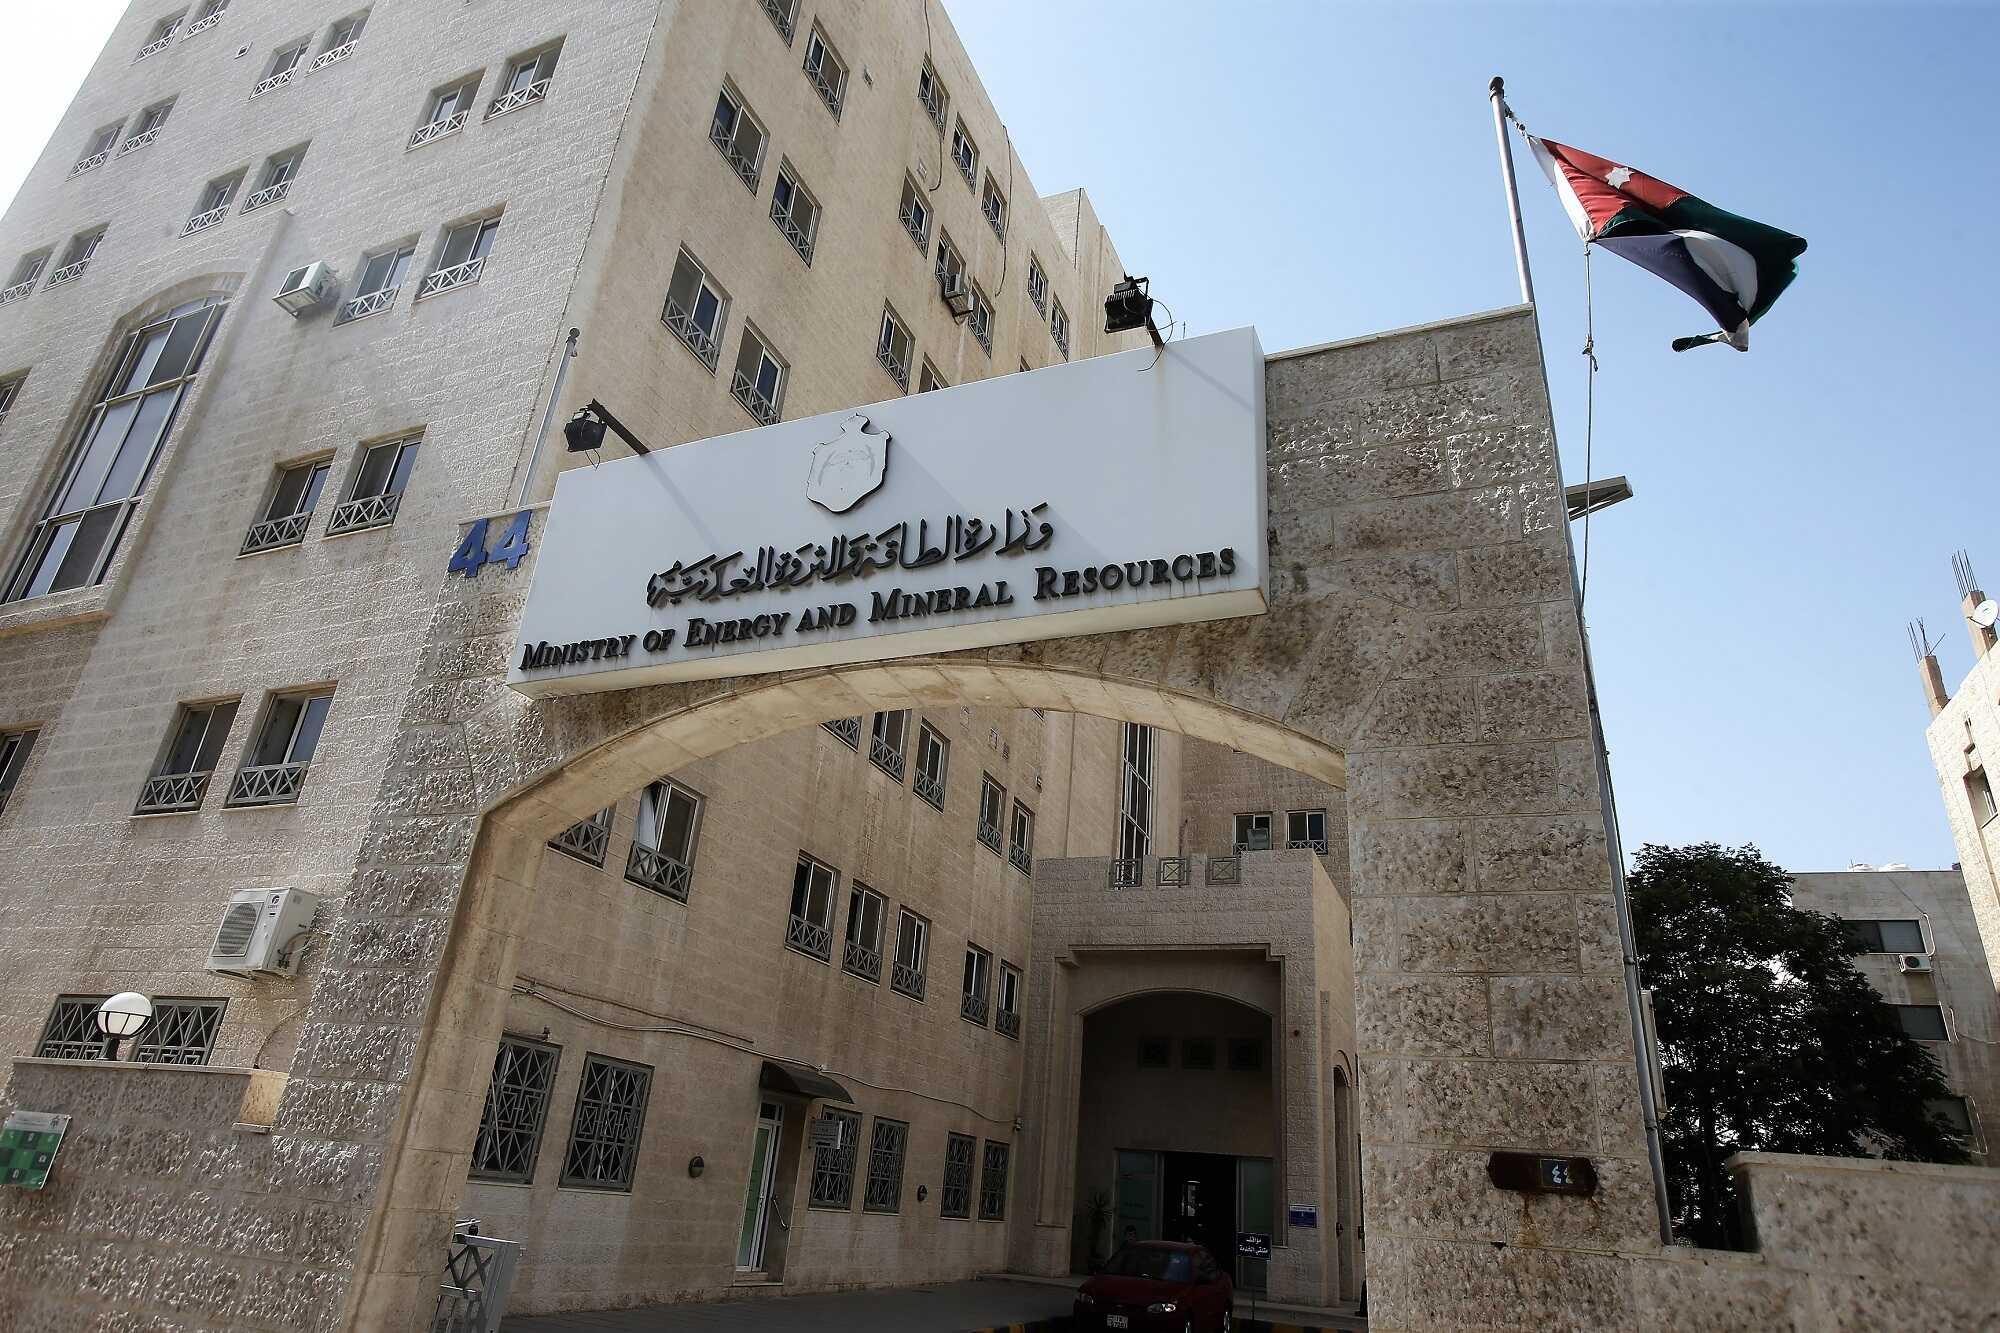 الأردن عام 2030: زيادة مساهمة الطاقة المتجددة في توليد الكهرباء إلى 31%